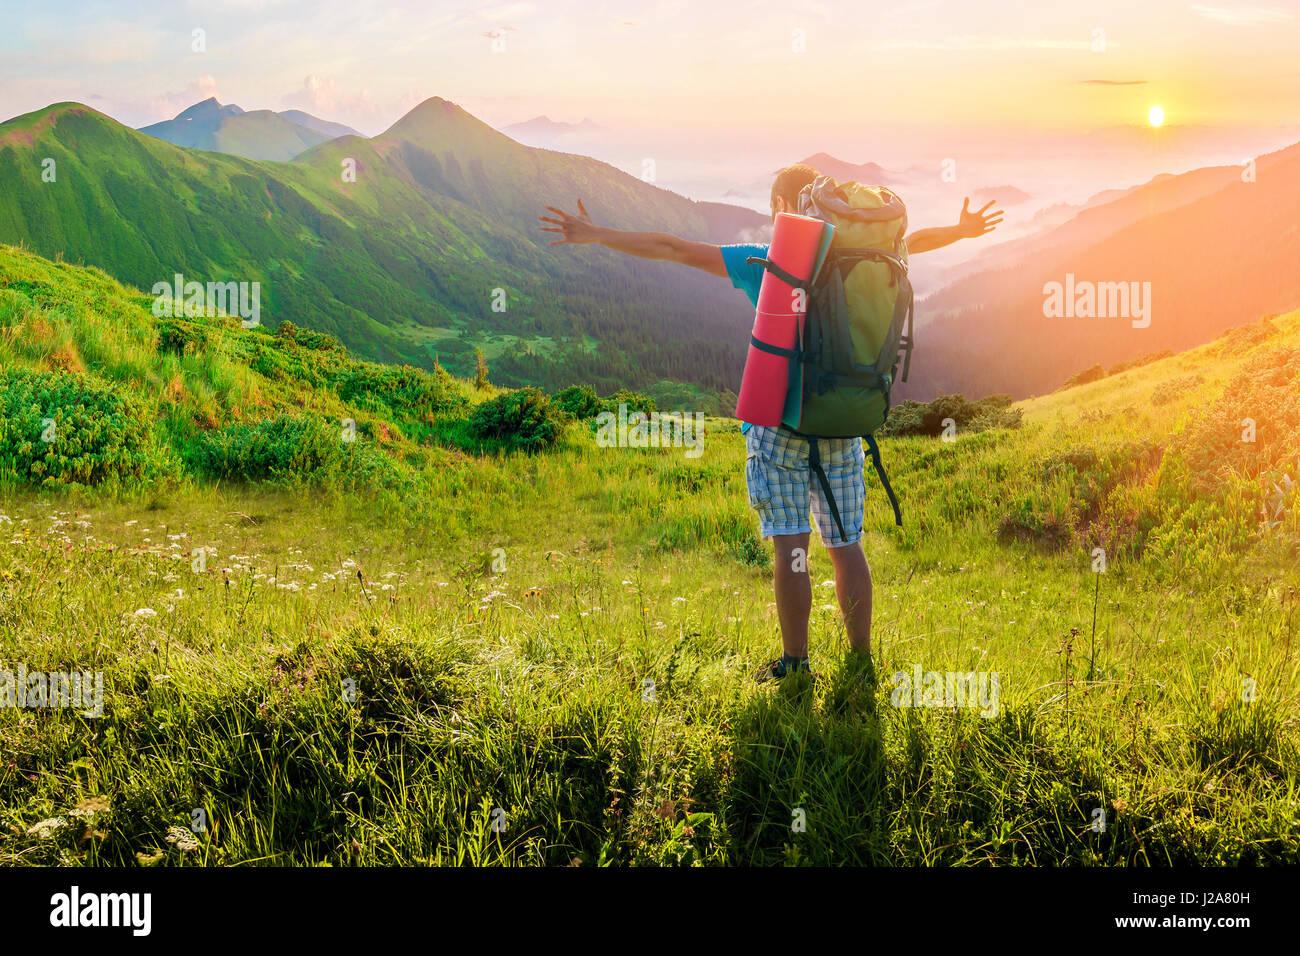 Escursionista con uno zaino in piedi in montagna. Una natura che stupisce il paesaggio. Effetto luce soffusa Immagini Stock